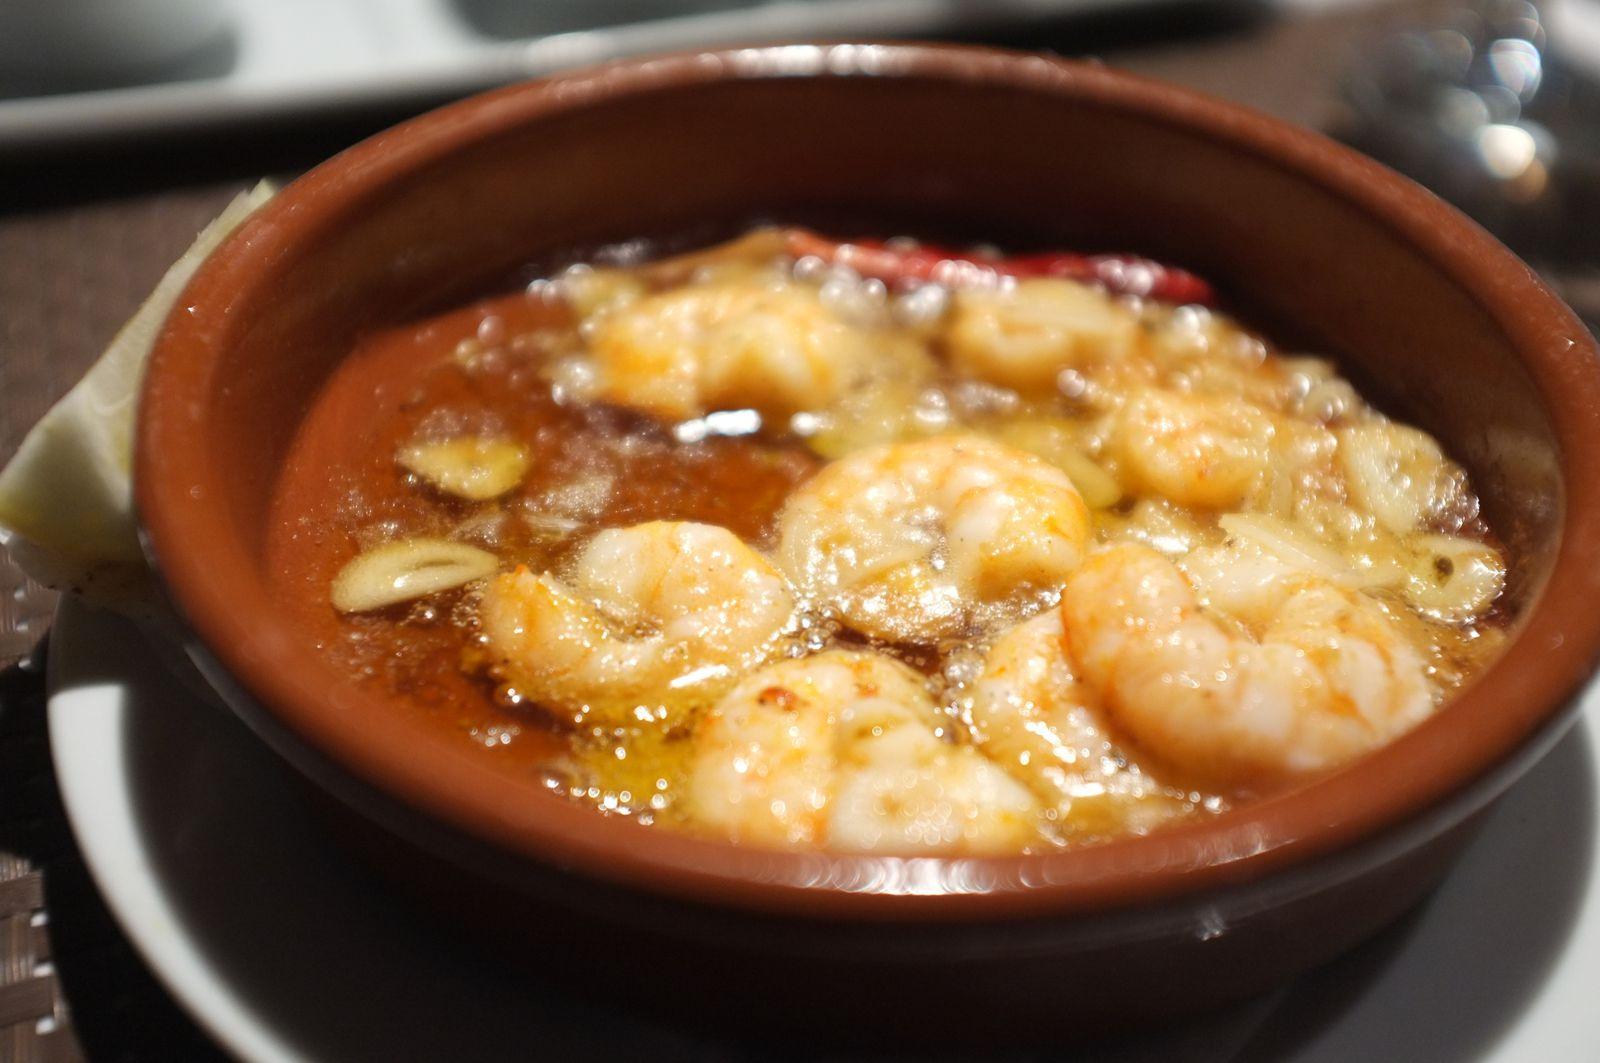 Crevettes à l'ail (90 dhs)